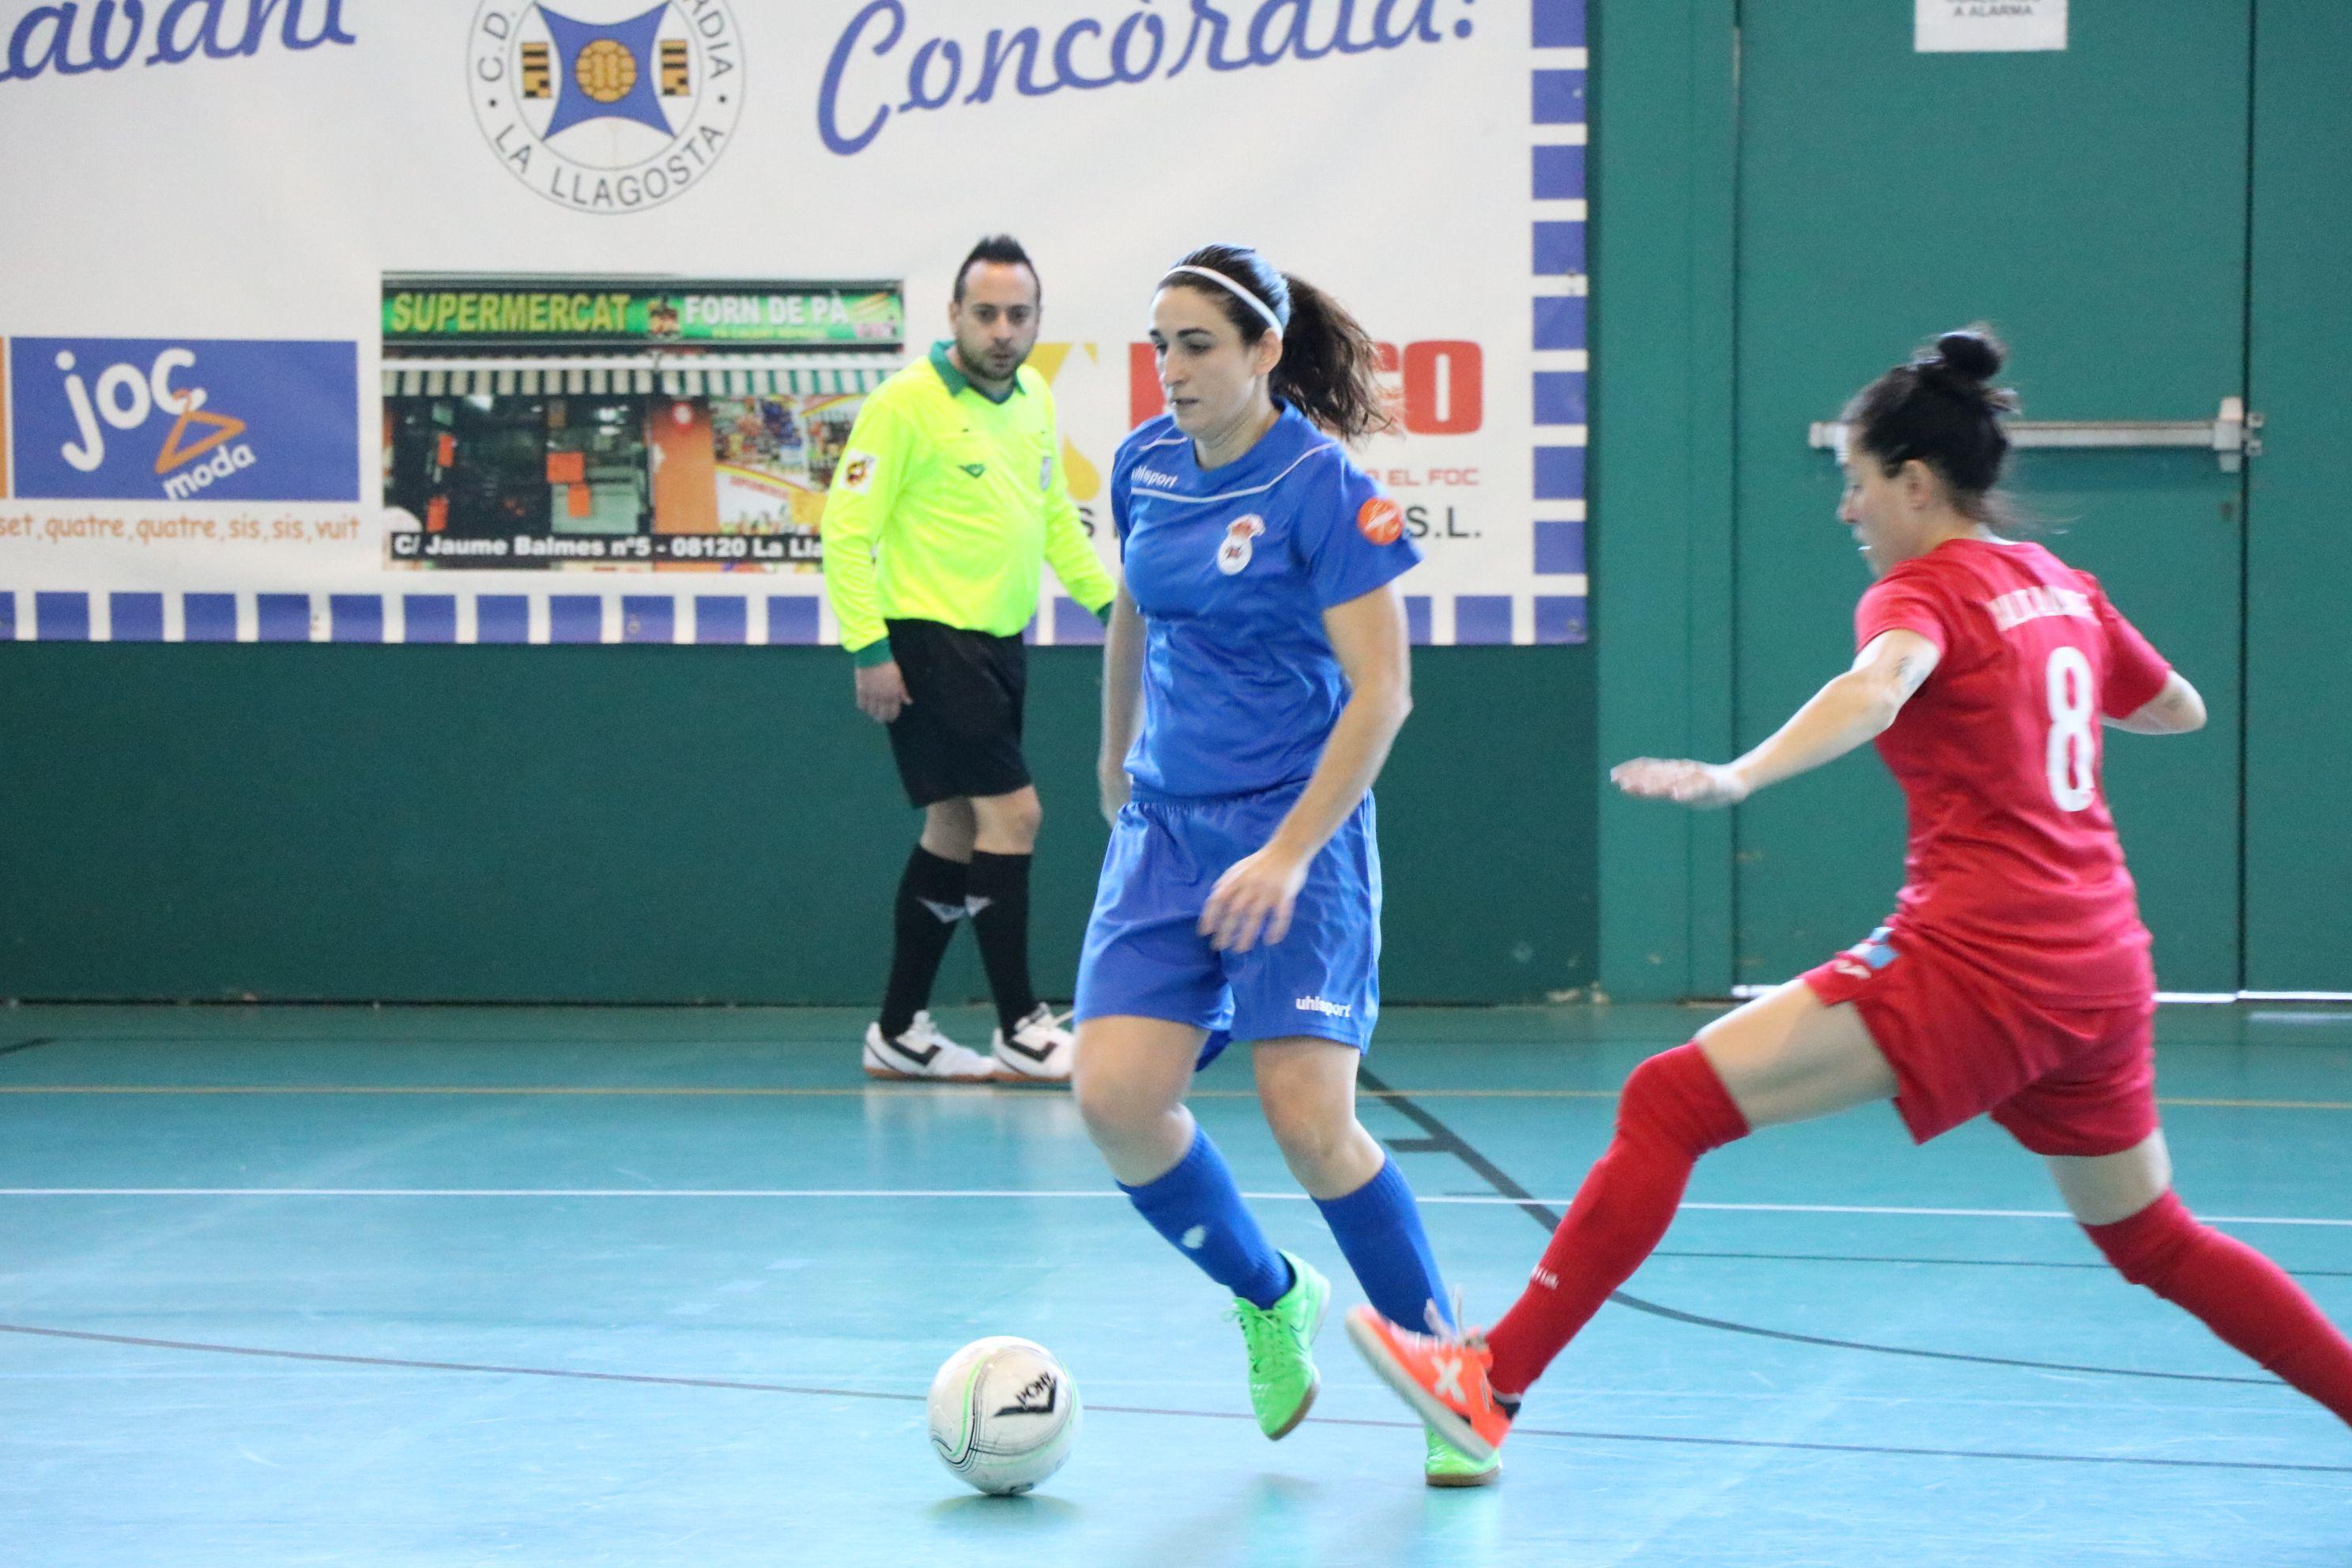 Primera derrota de la temporada per al Club Deportivo la Concòrdia